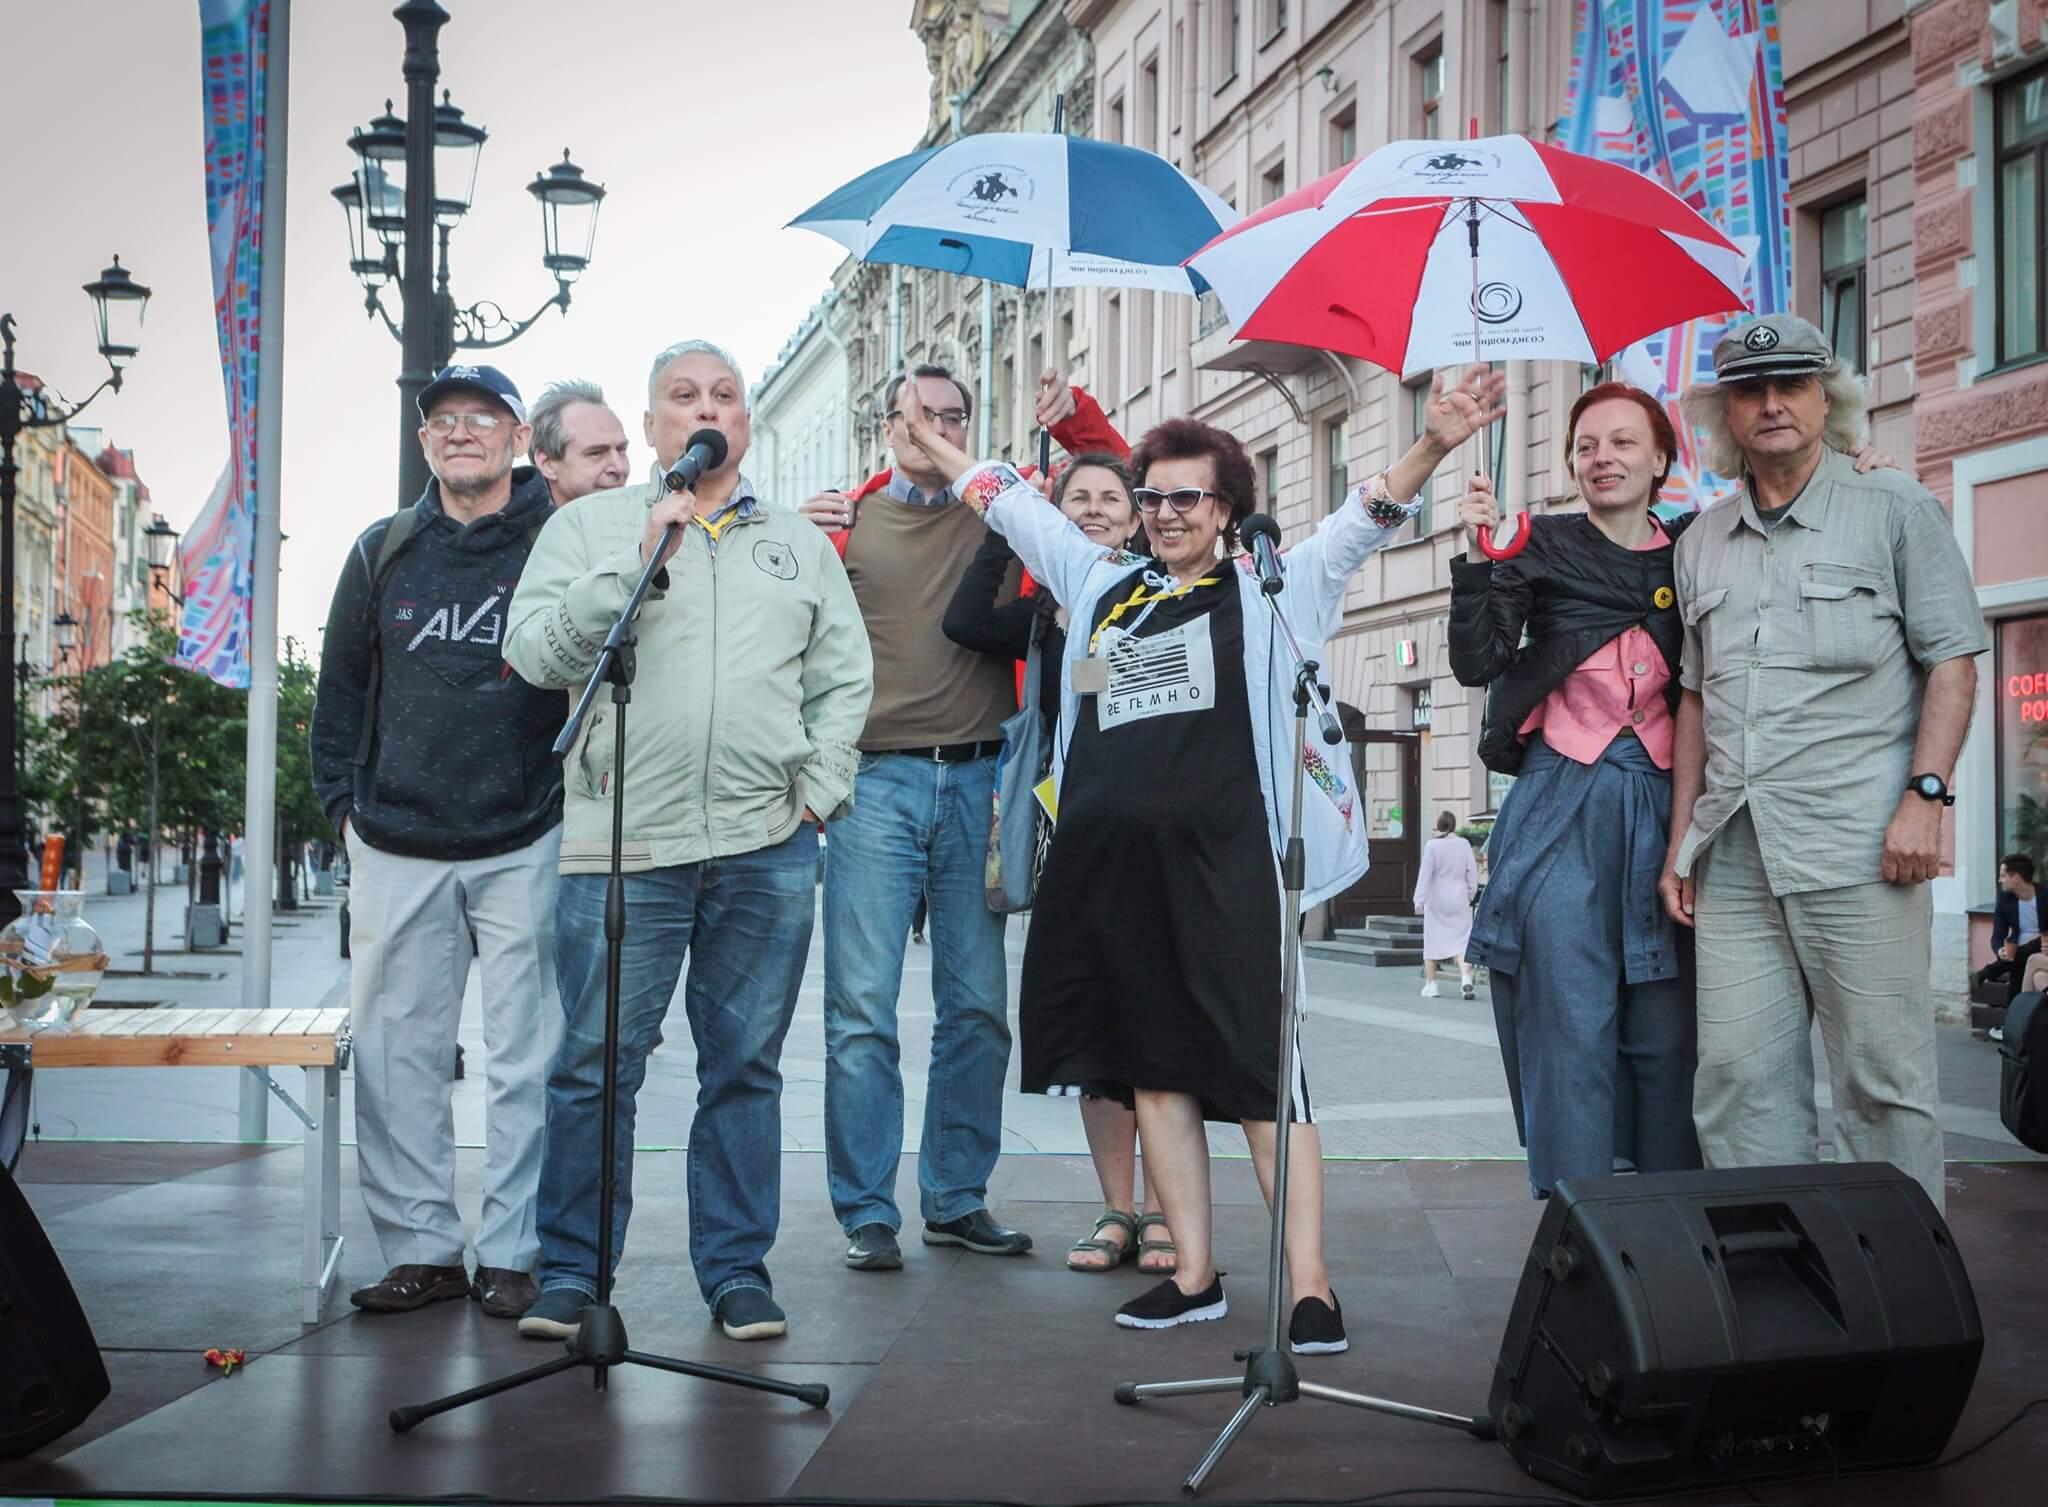 Организаторы фестиваля ПЕТЕРБУРГСКИЕ МОСТЫ. Конюшенные аллеи